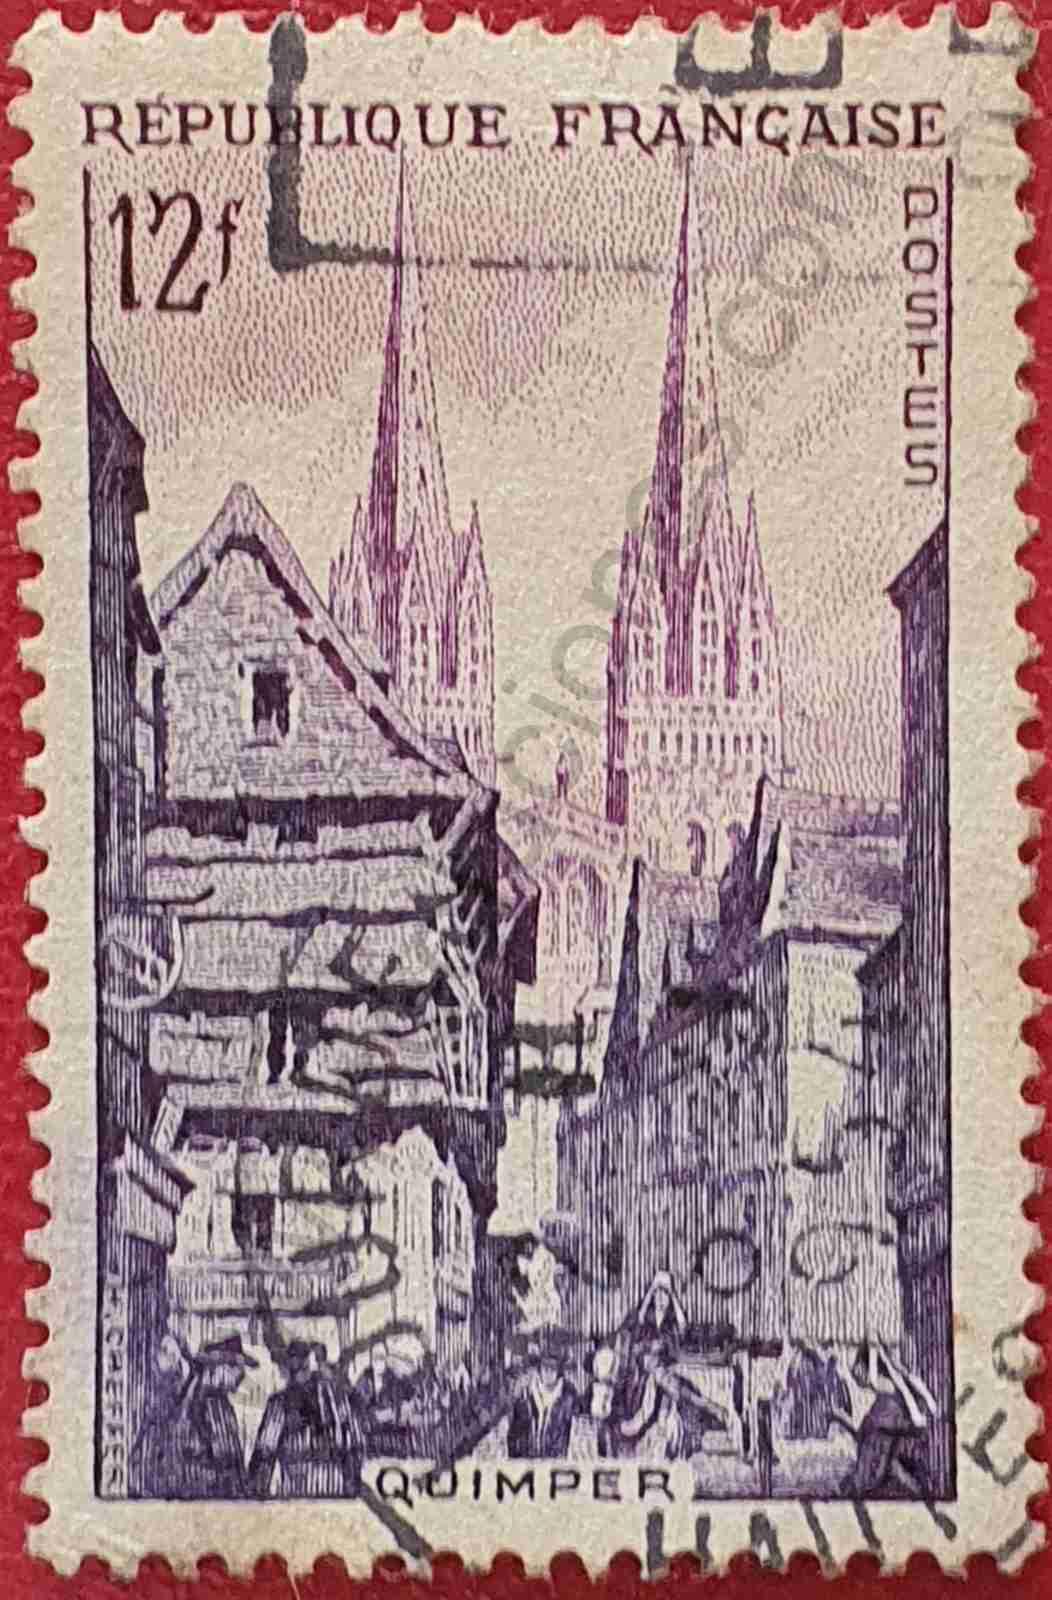 Quimper Francia - Sello de 1954